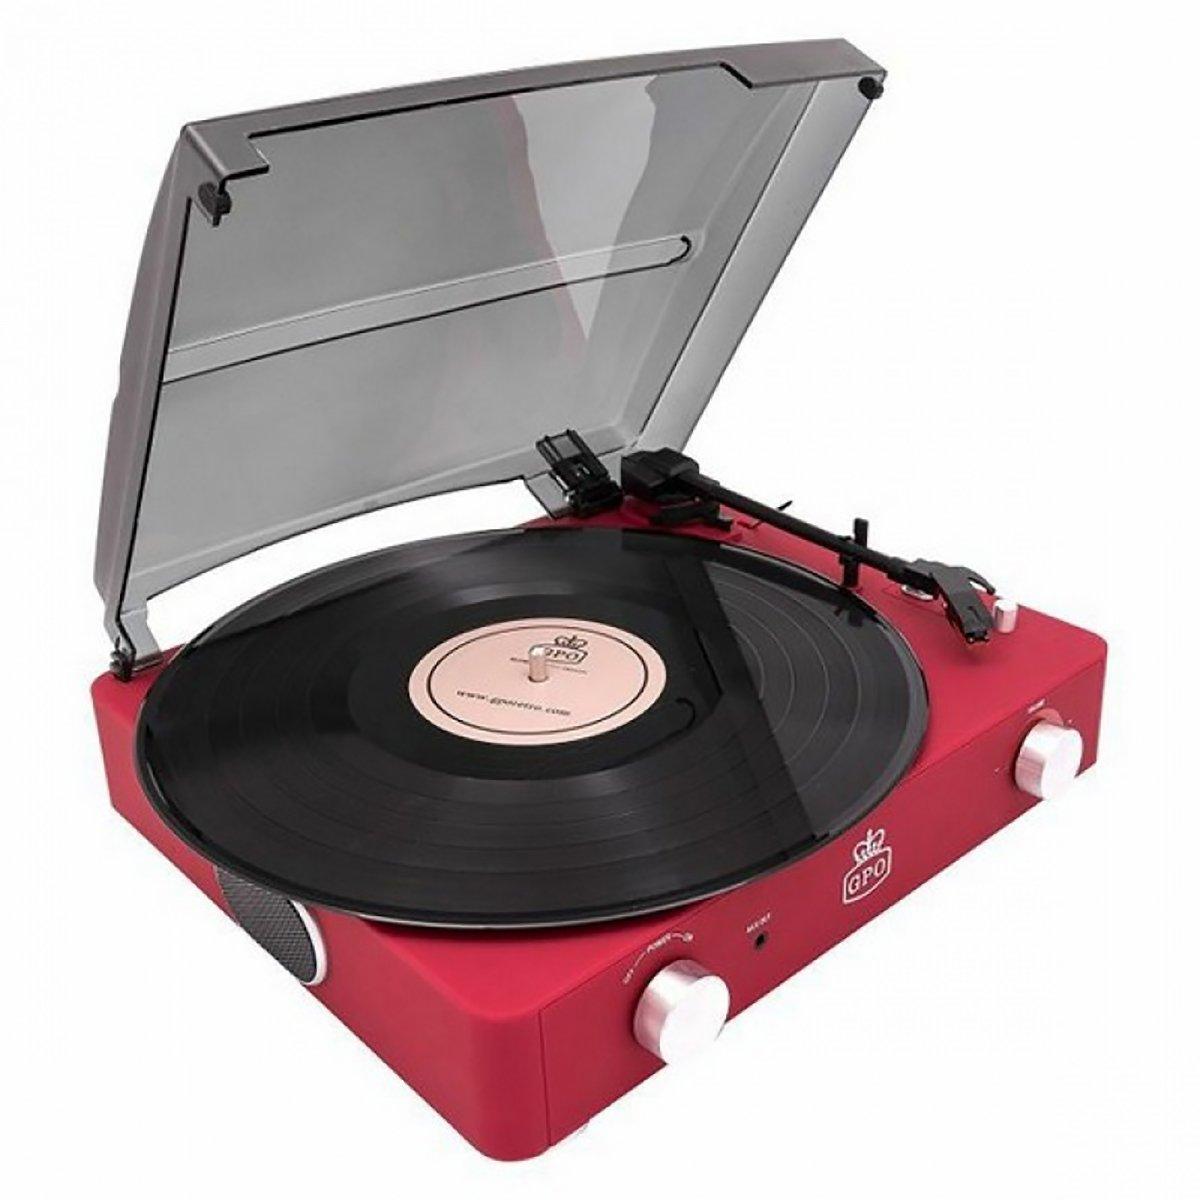 Gramofon Stylo II Red